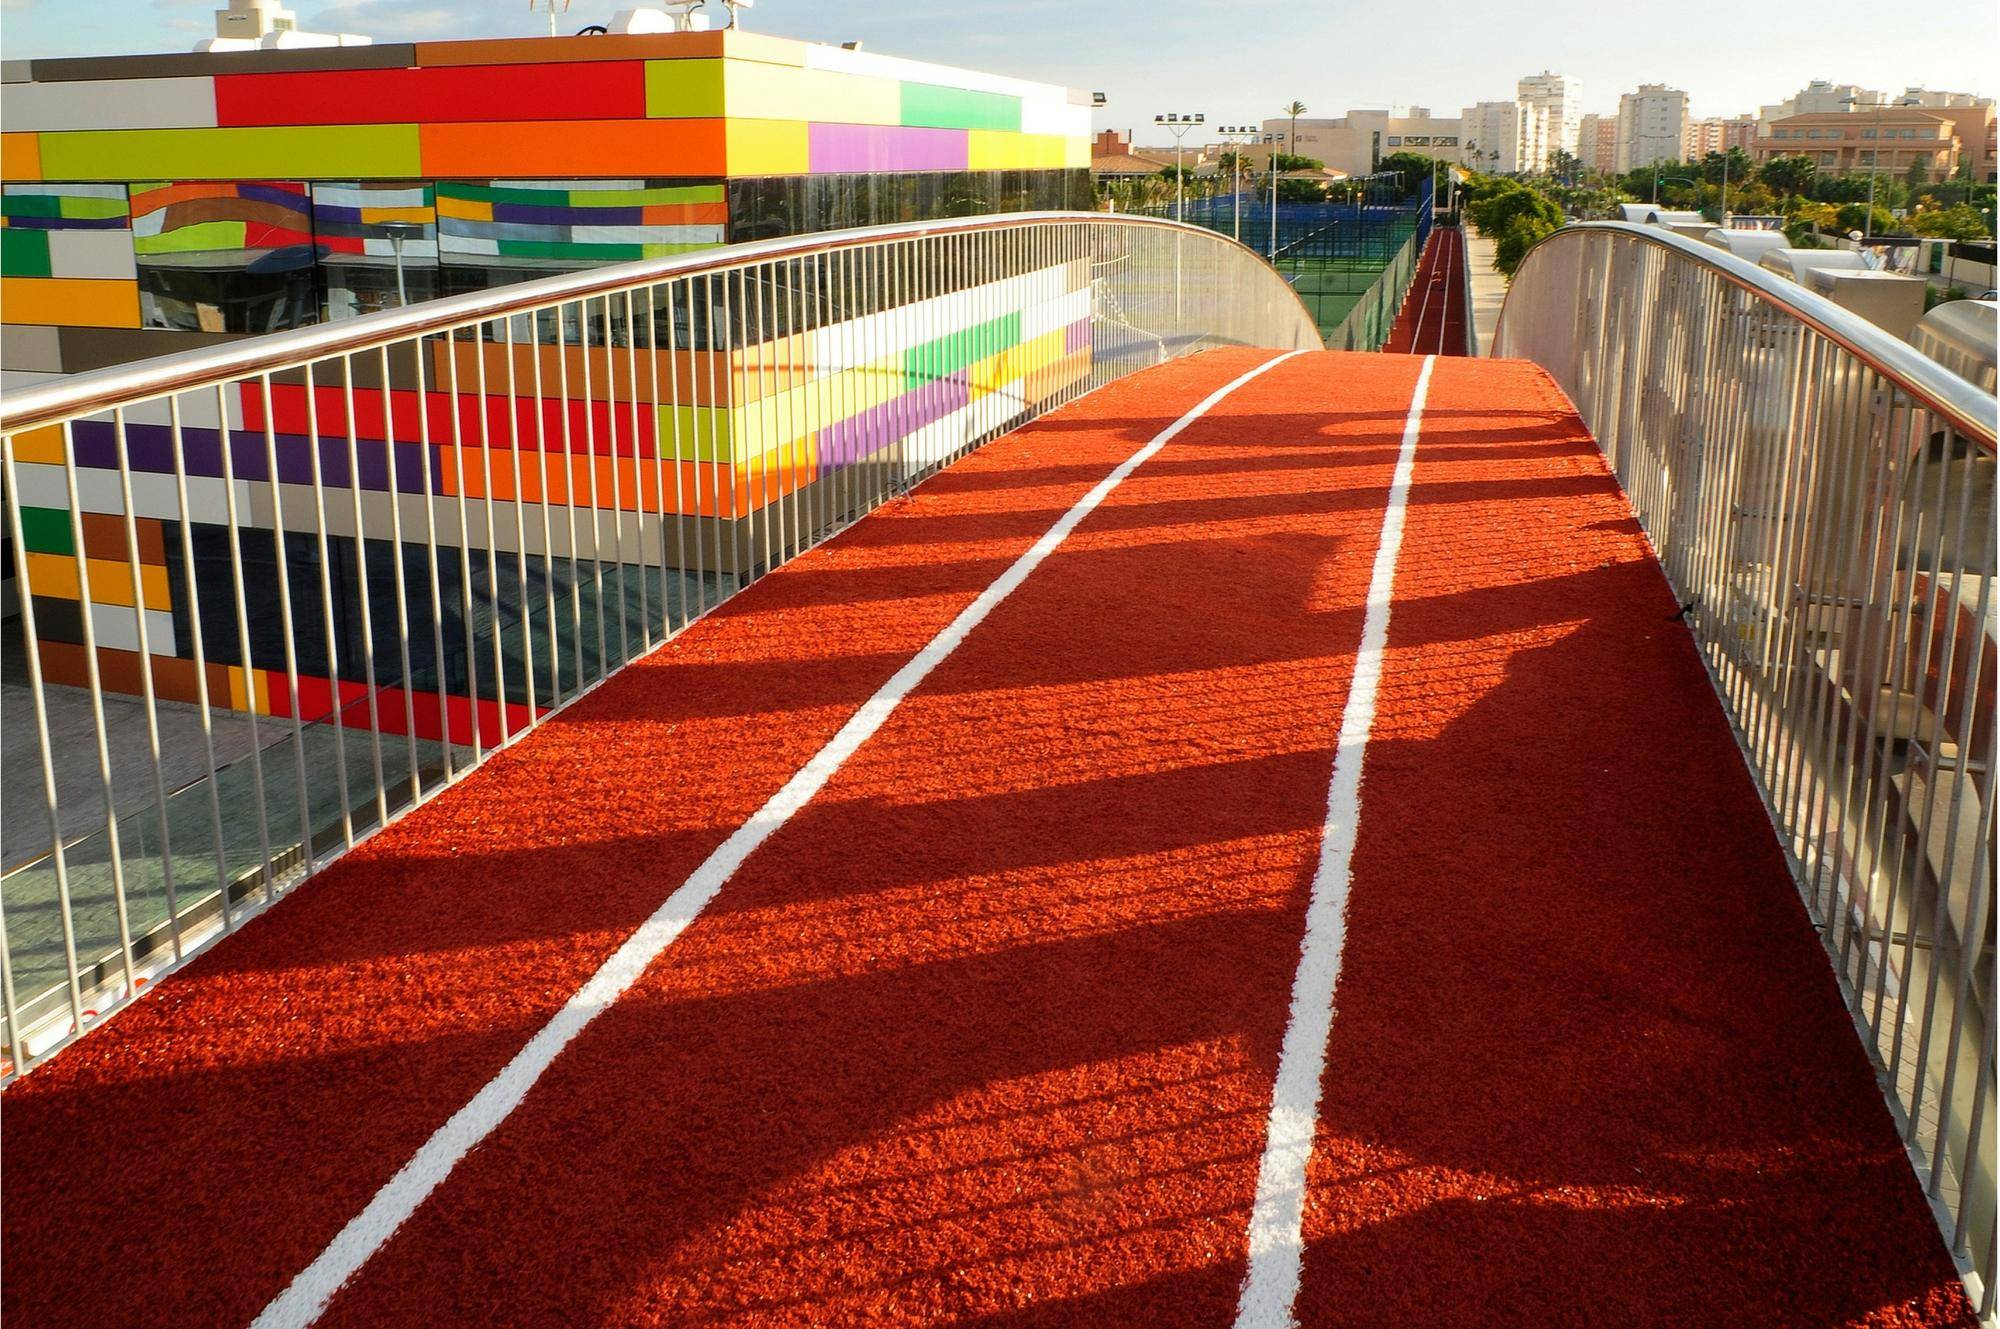 instalaciones_12_instalaciones atletismo arena